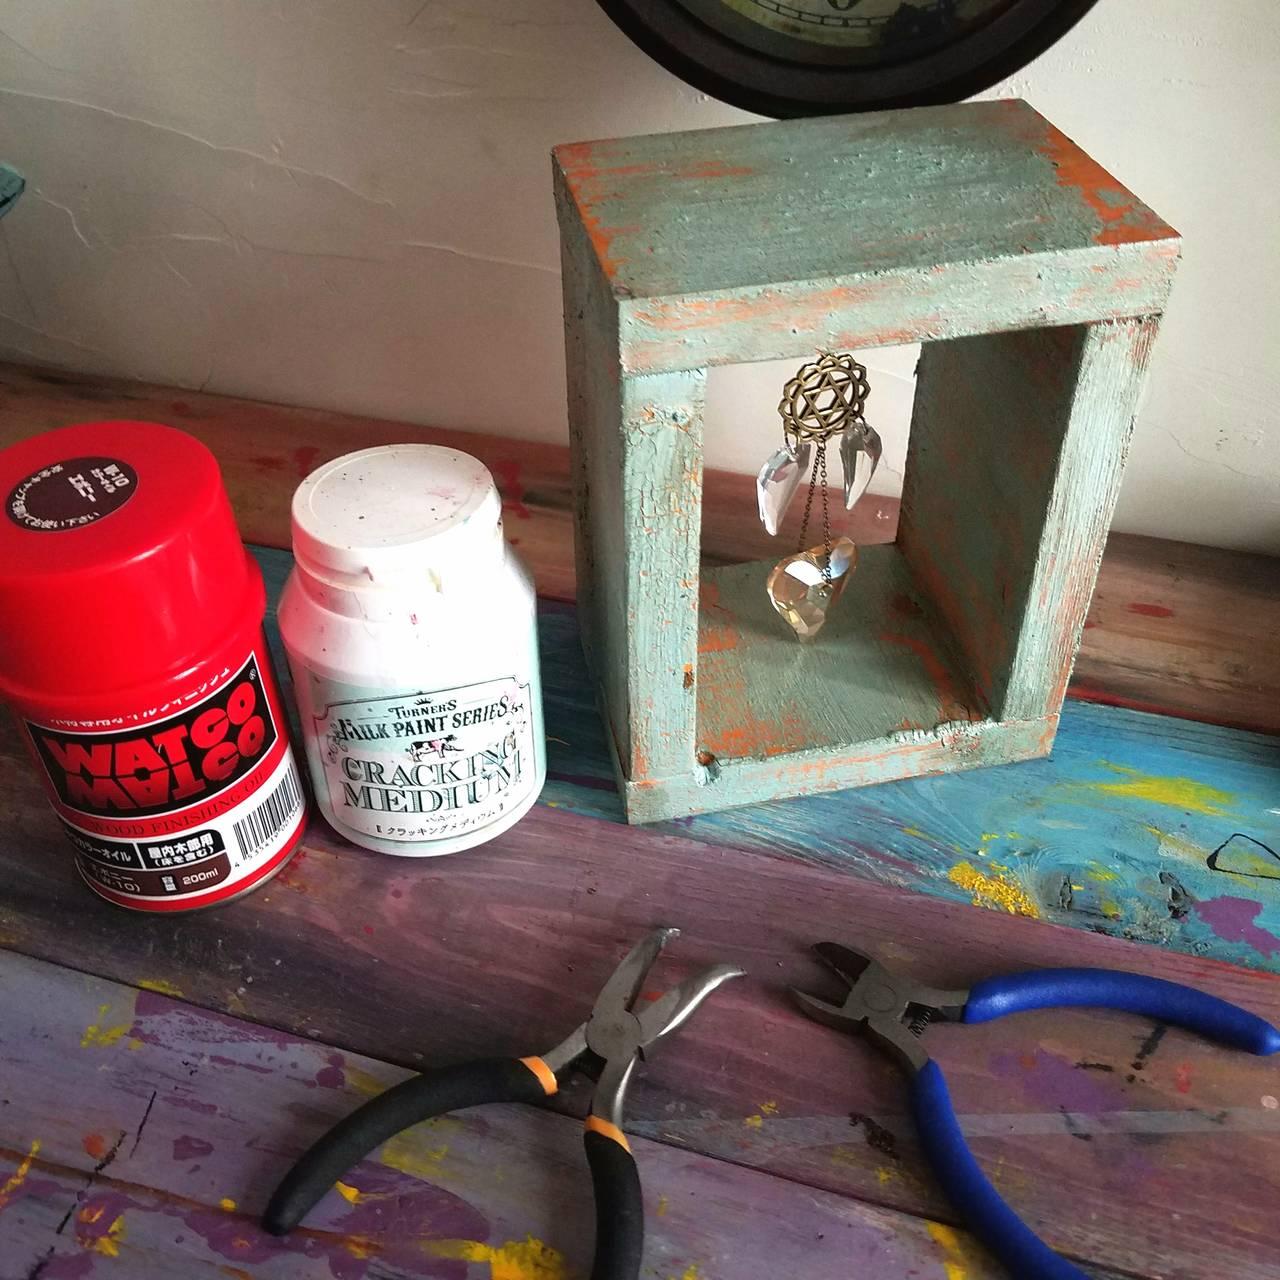 DIYでクラッキング加工に挑戦したい方にもオススメ。いつもの塗料にほんの一手間でできる。 *りもの*ドロップのクラックの入ったアンティーク風置き型サンキャッチャーを作る為の道具。【連載#道具箱】